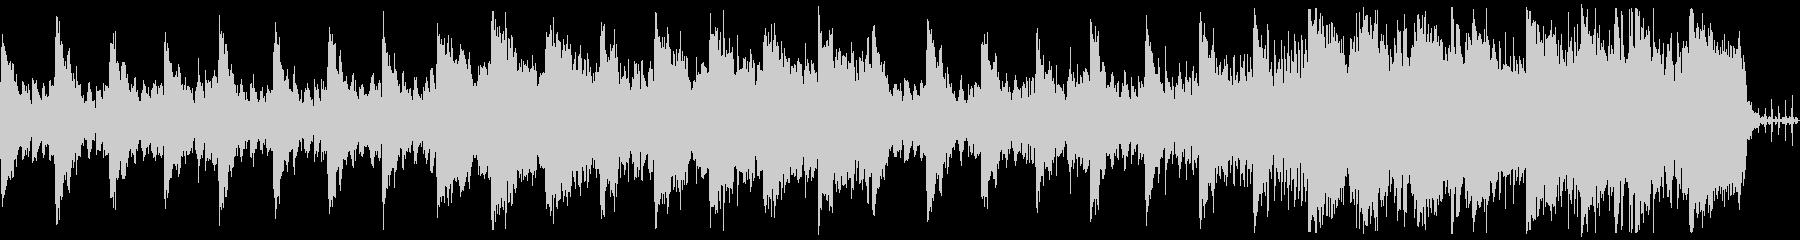 タイトル画面や回想シーン向けなBGMの未再生の波形